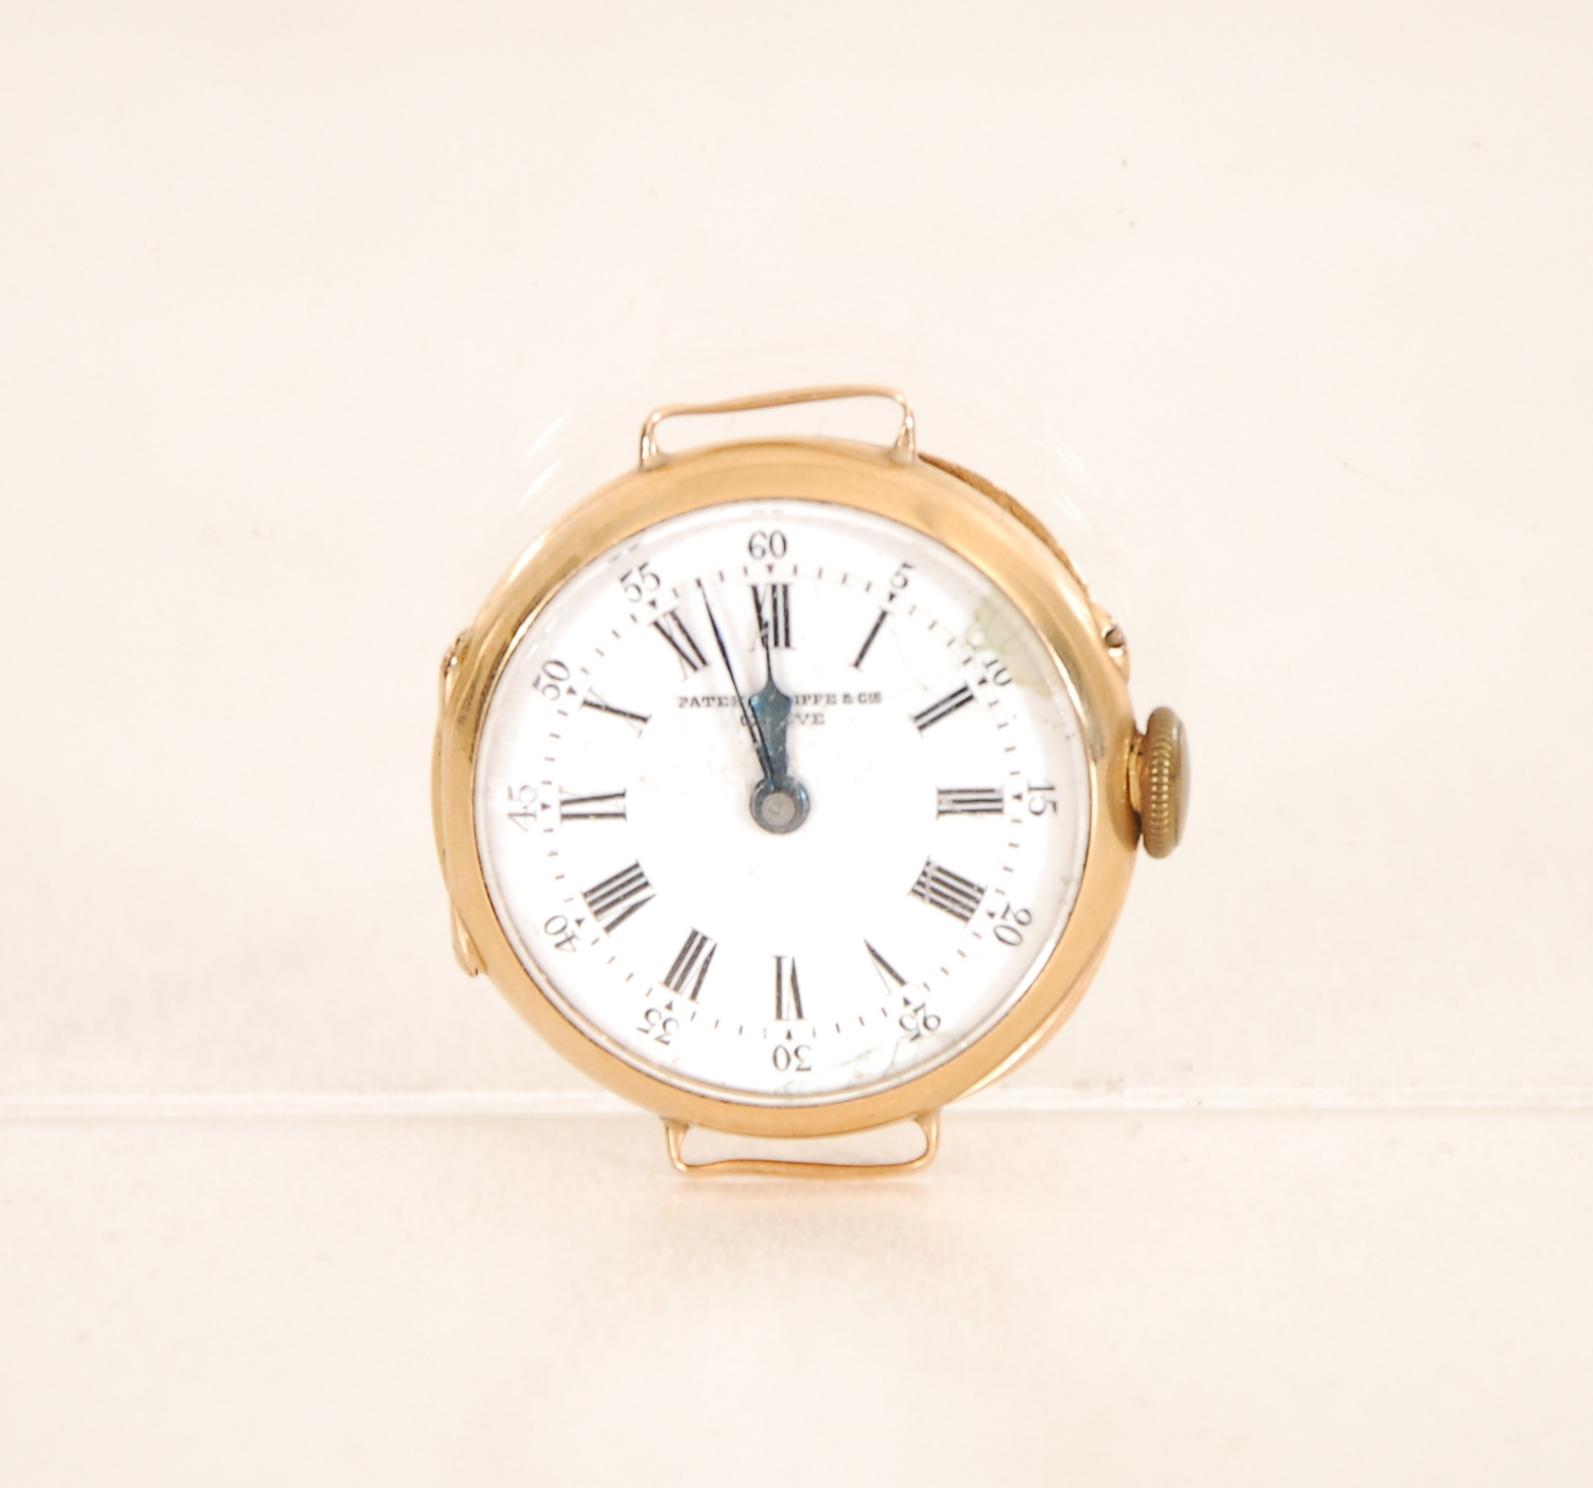 Petite montre de dame